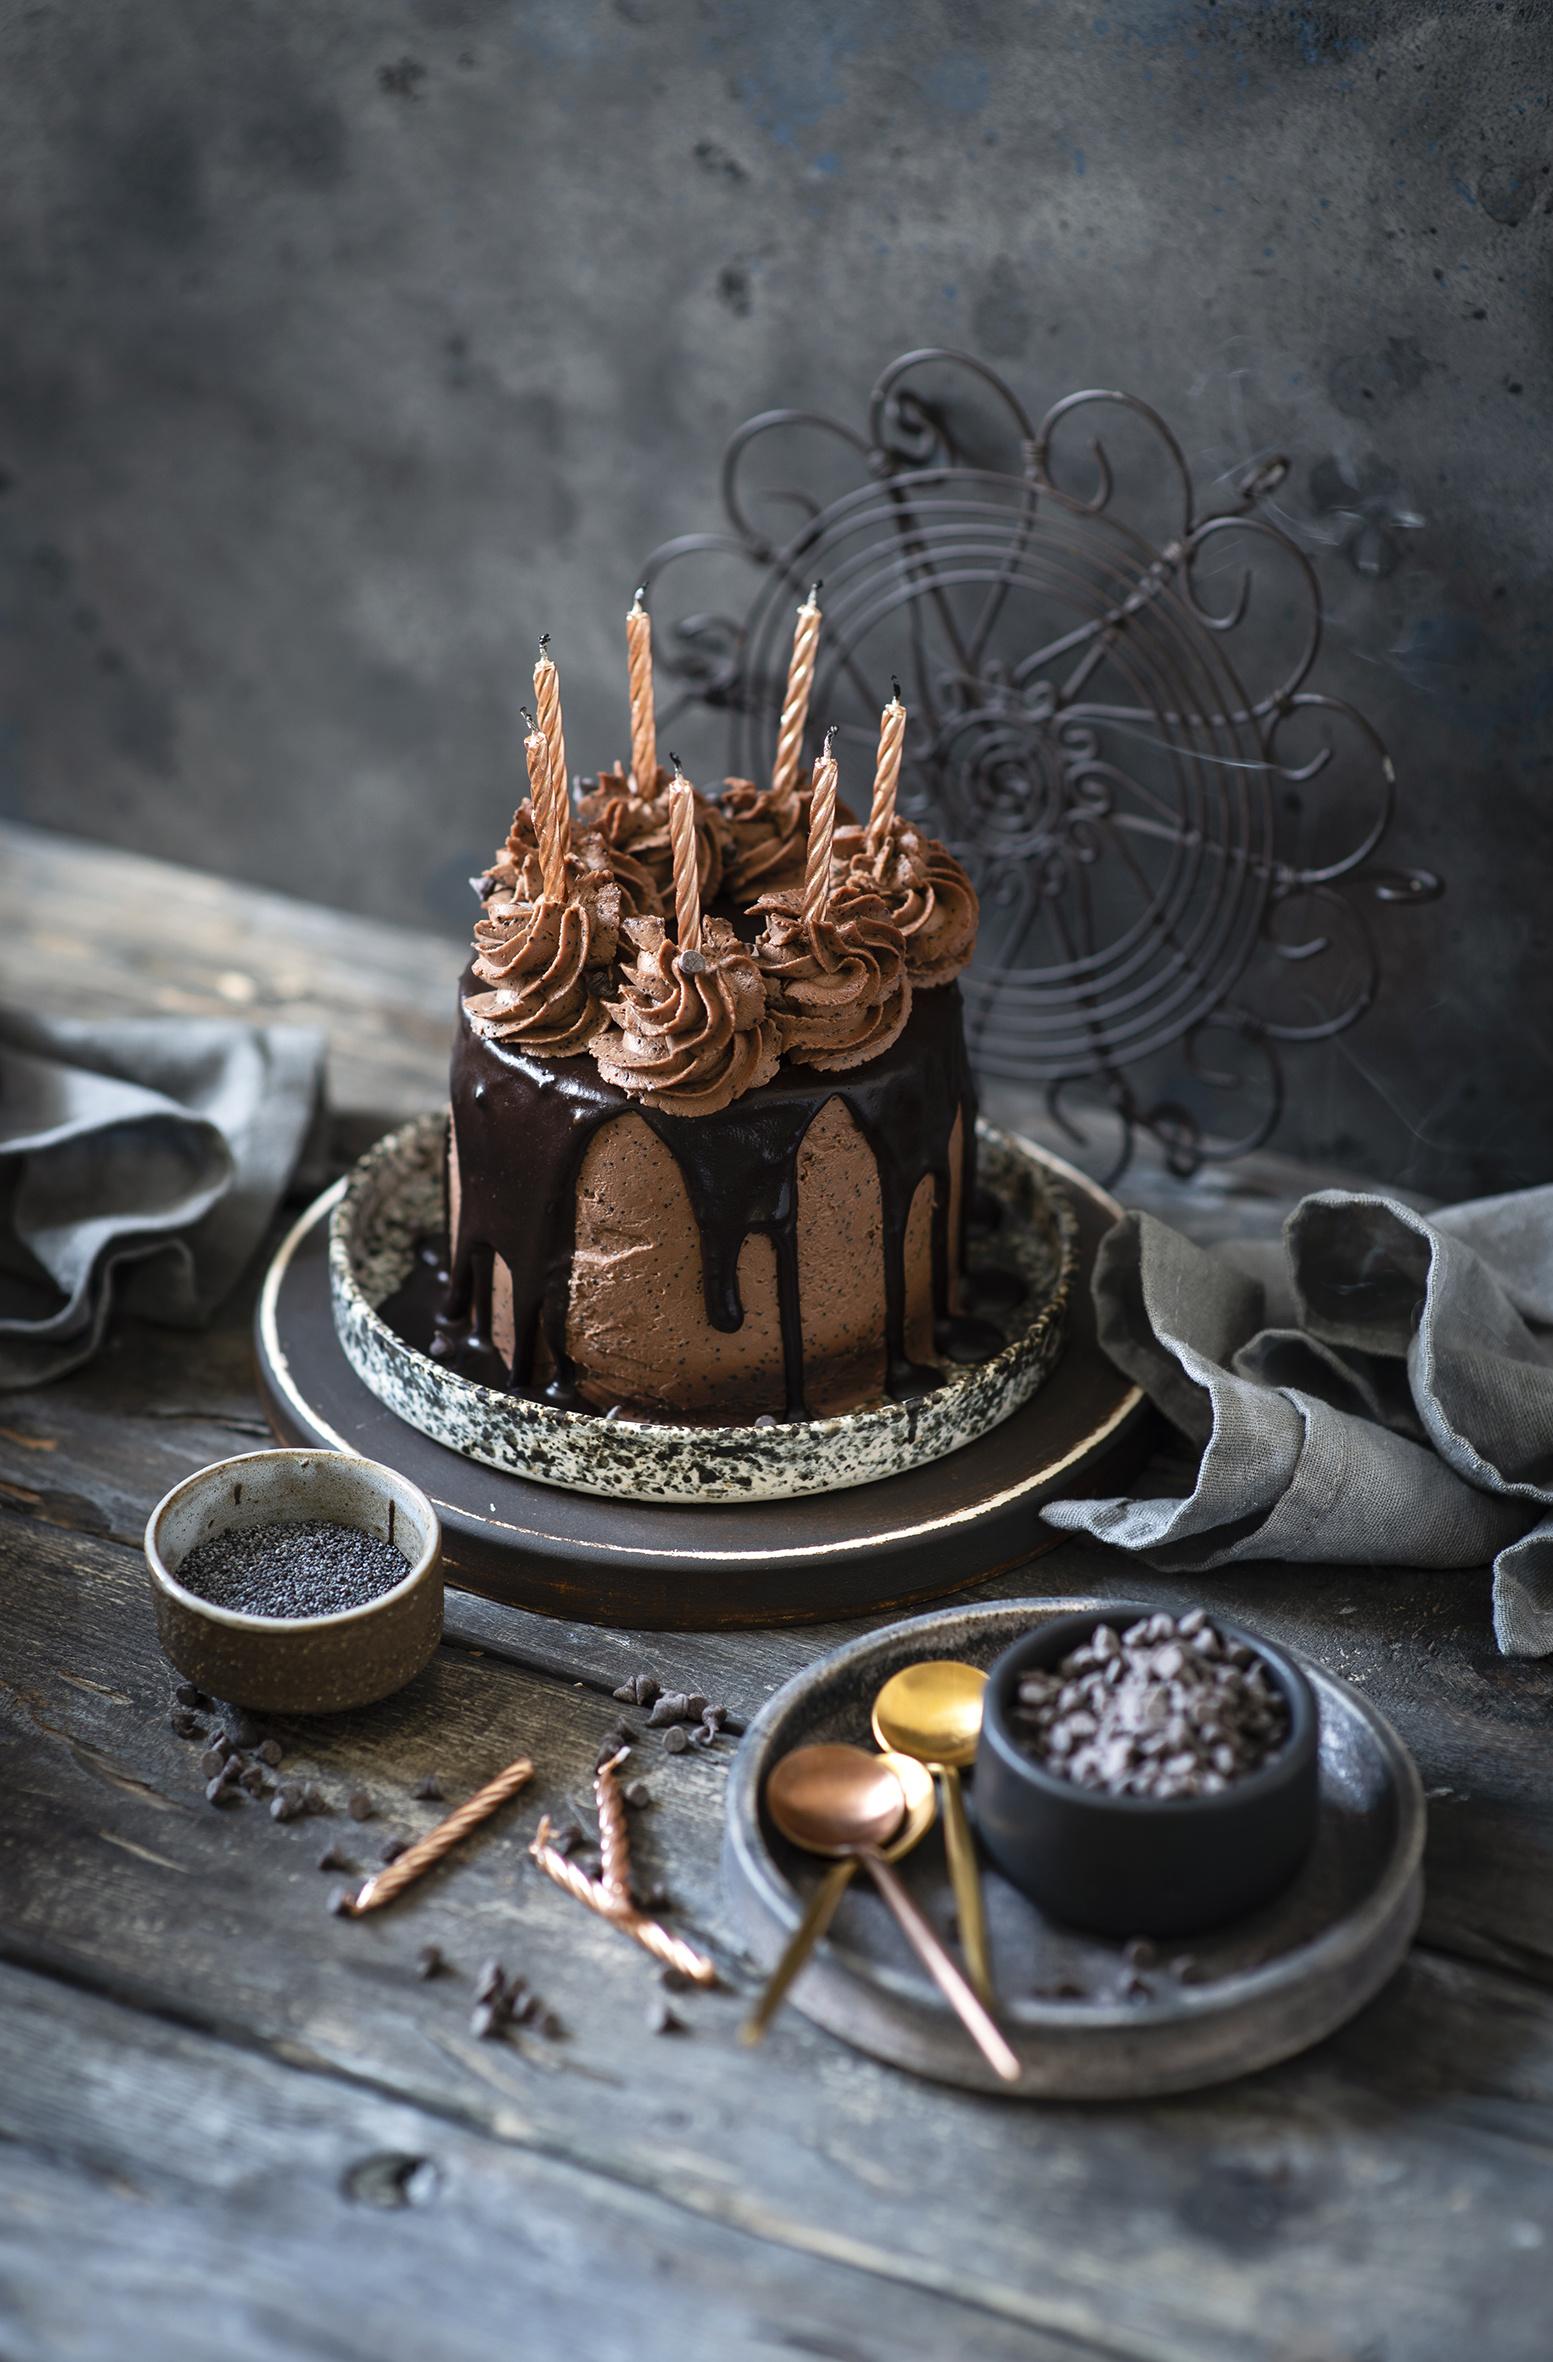 壁紙 ケーキ チョコレート キャンドル 木の板 デザイン 食品 ダウンロード 写真